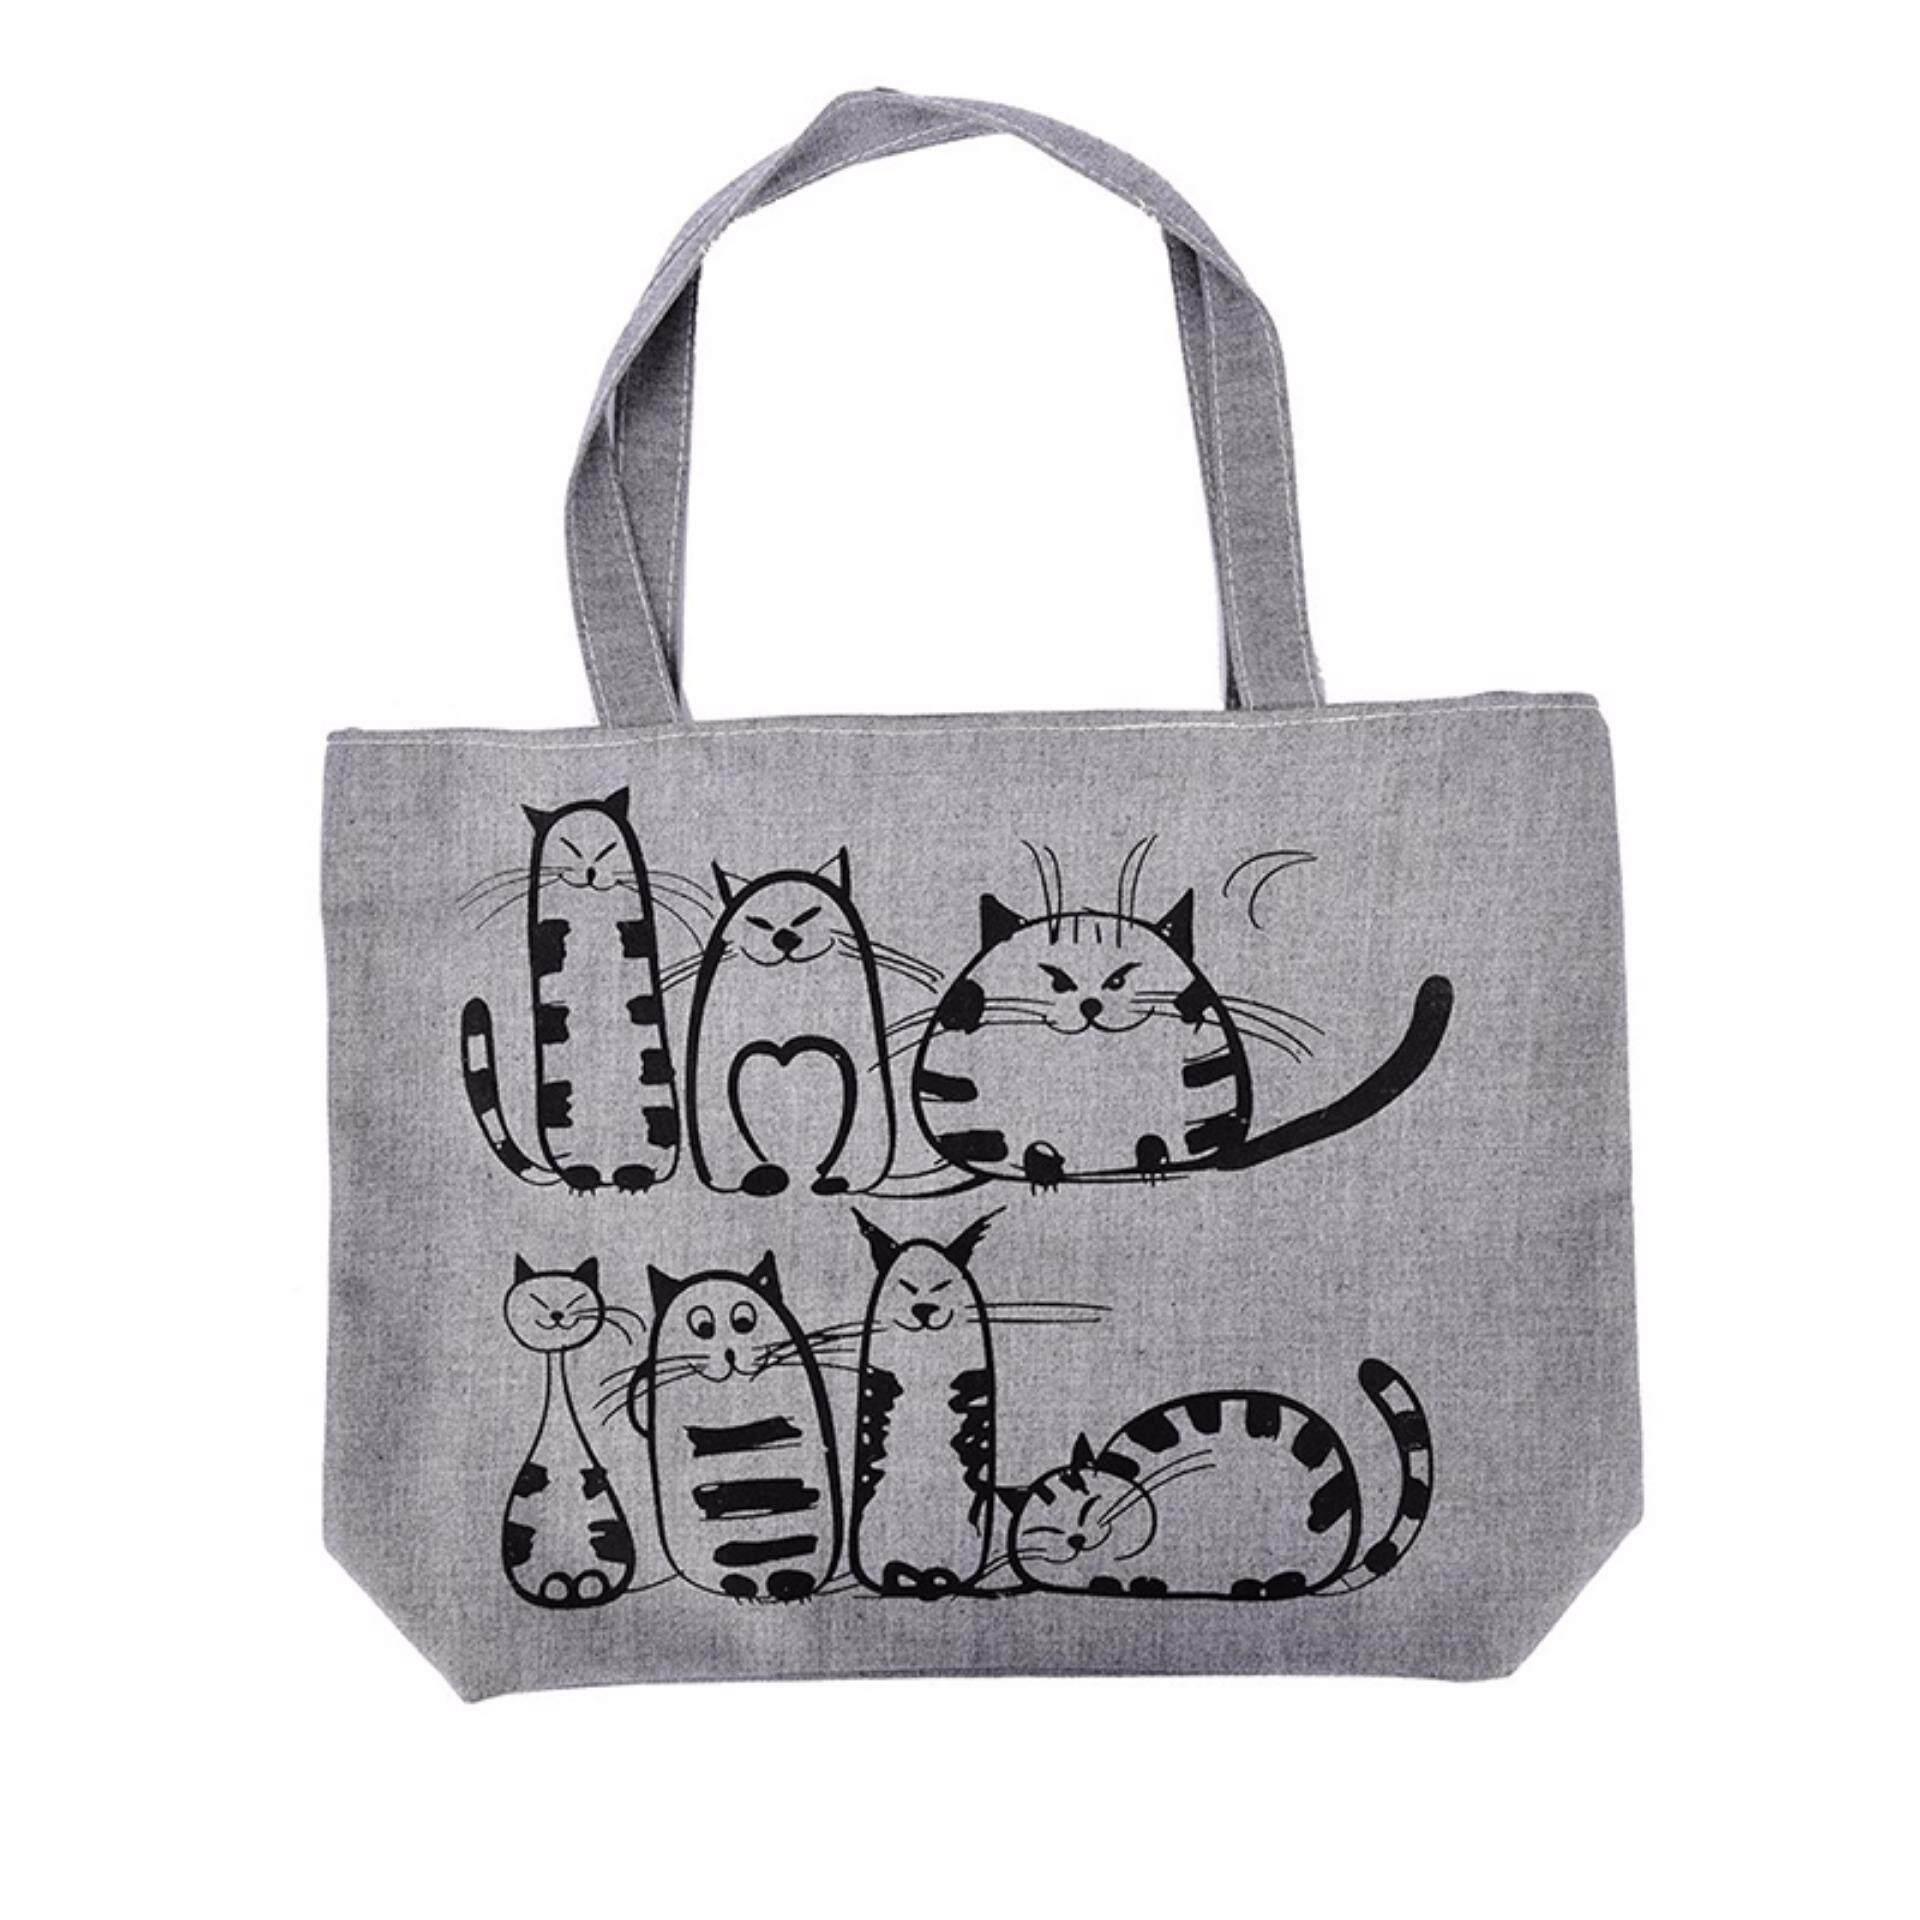 Cartoon Printed Beach Zipper Bag Canvas Tote Shopping Handbags Shopper Tote